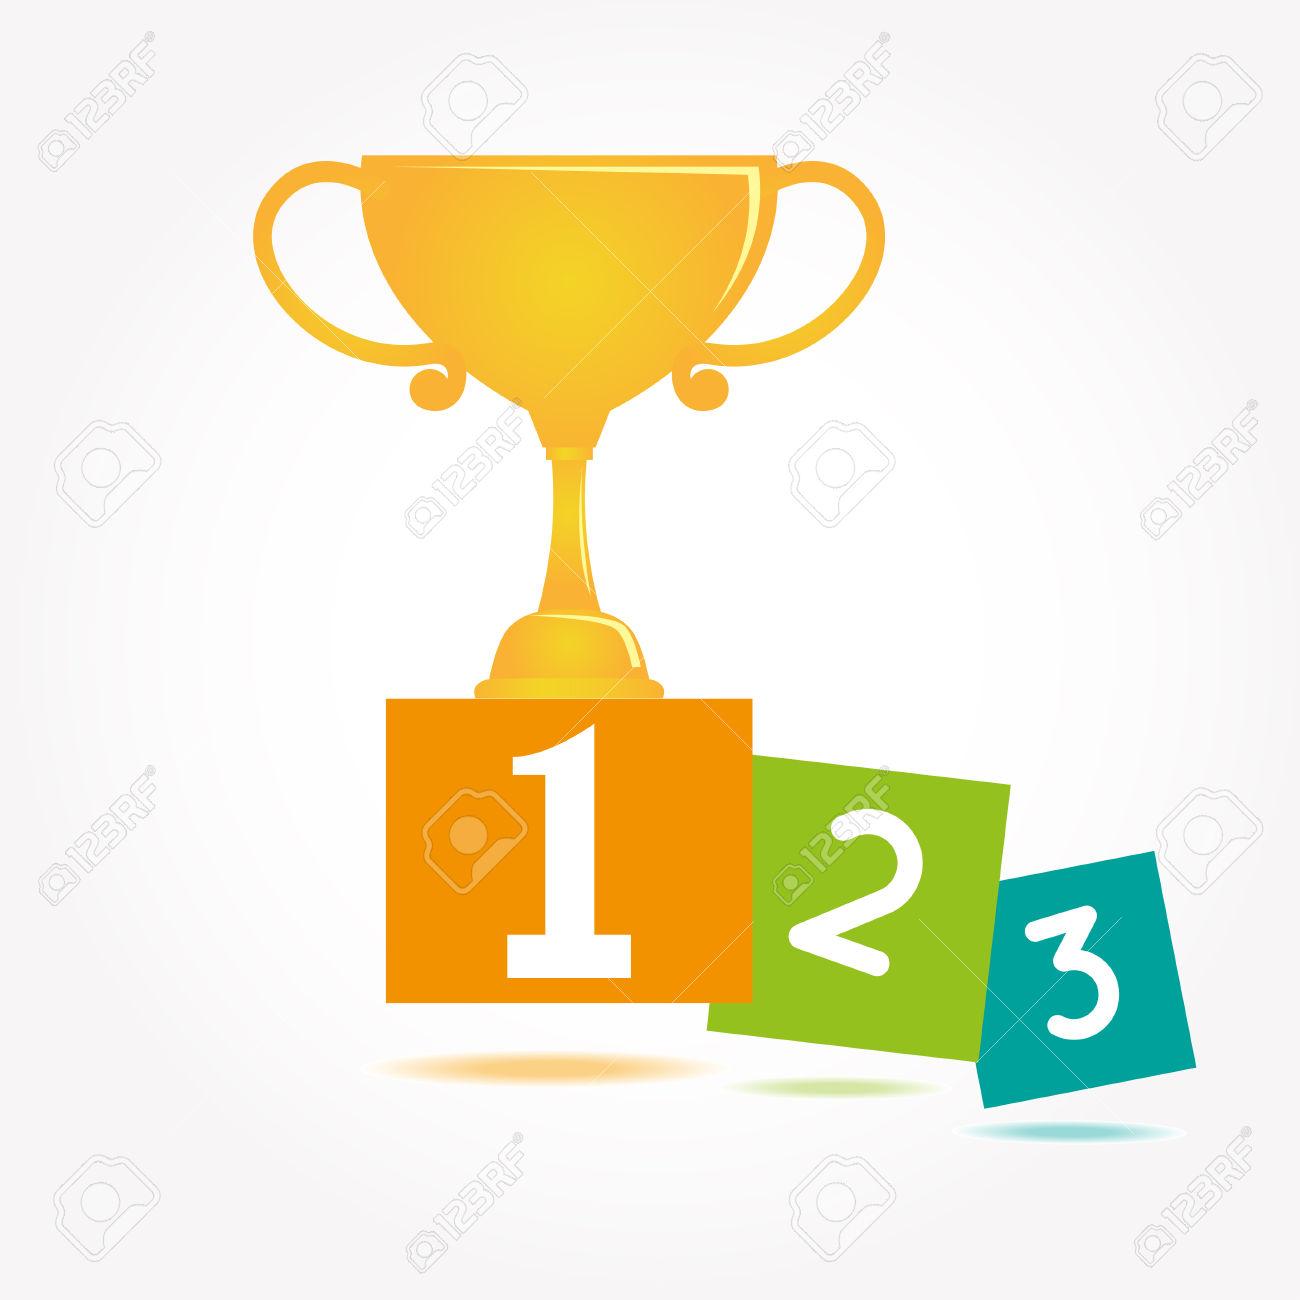 Vainqueur De La Coupe Icône Clip Art Libres De Droits , Vecteurs.